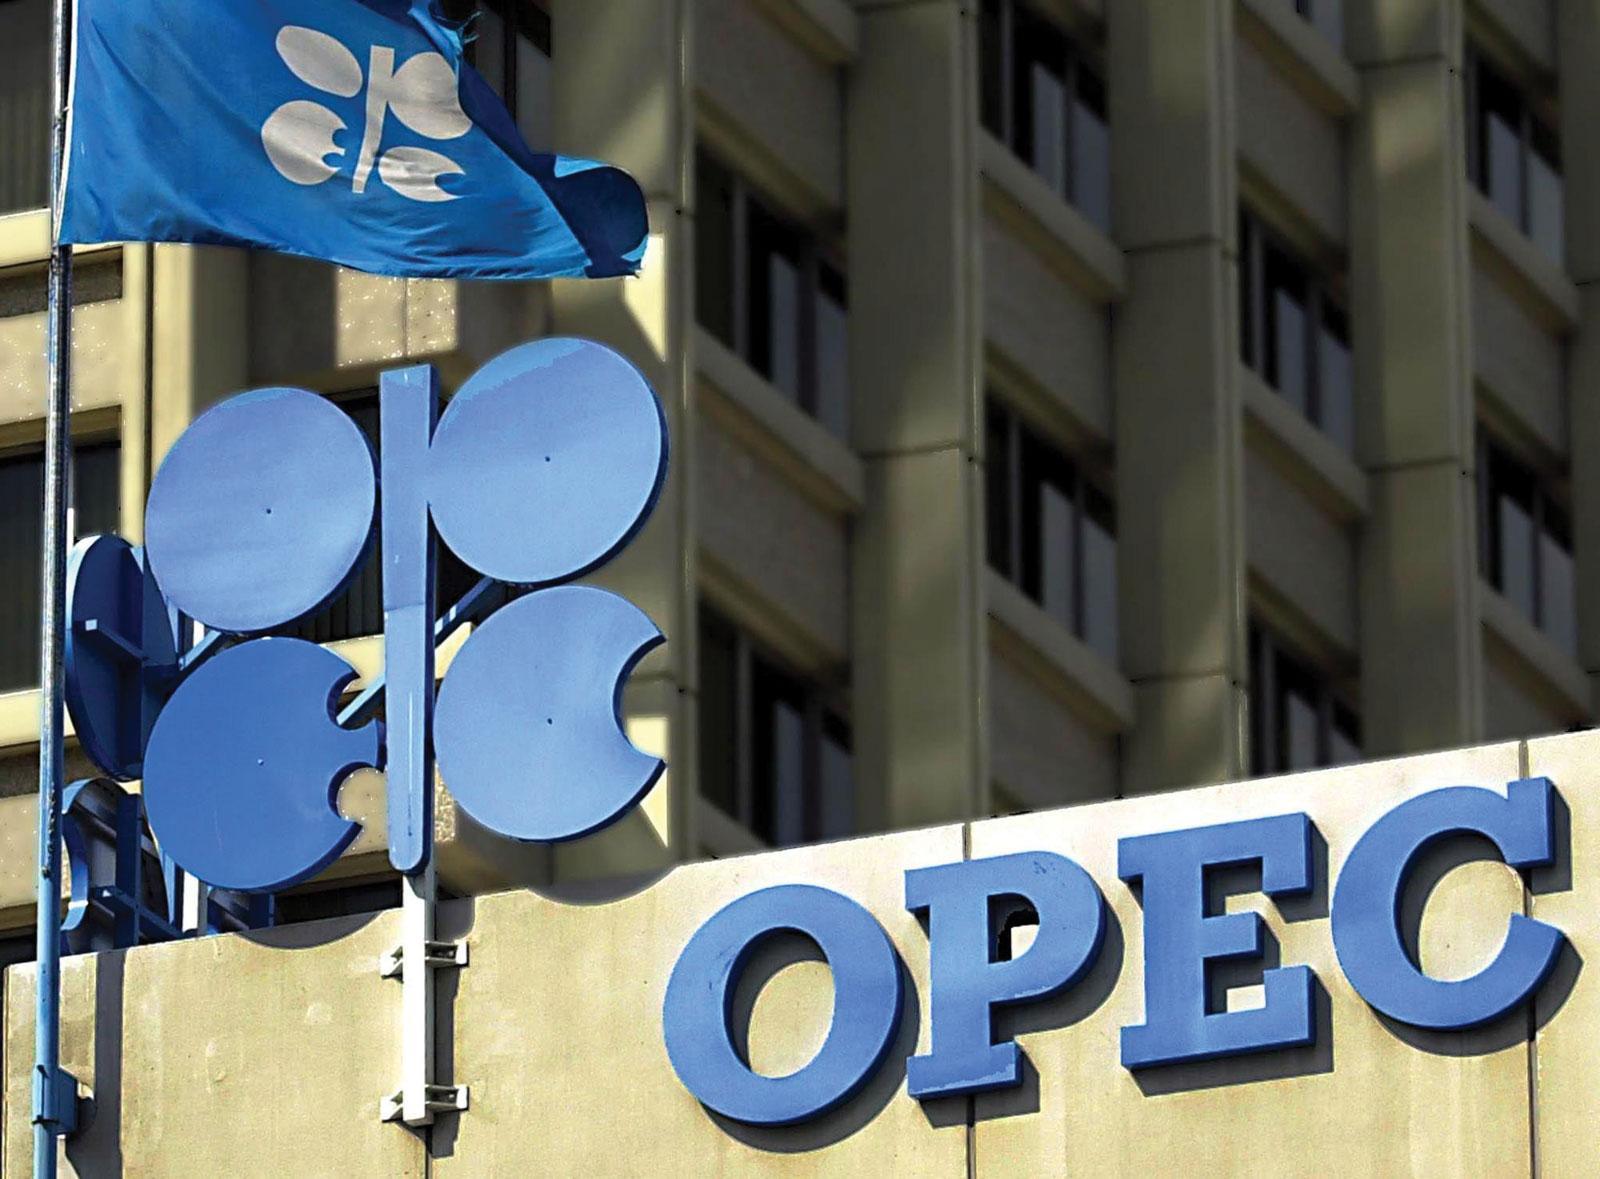 OPEC üzvləri hasilatla bağlı anlaşa bilməyib - YENİLƏNİB